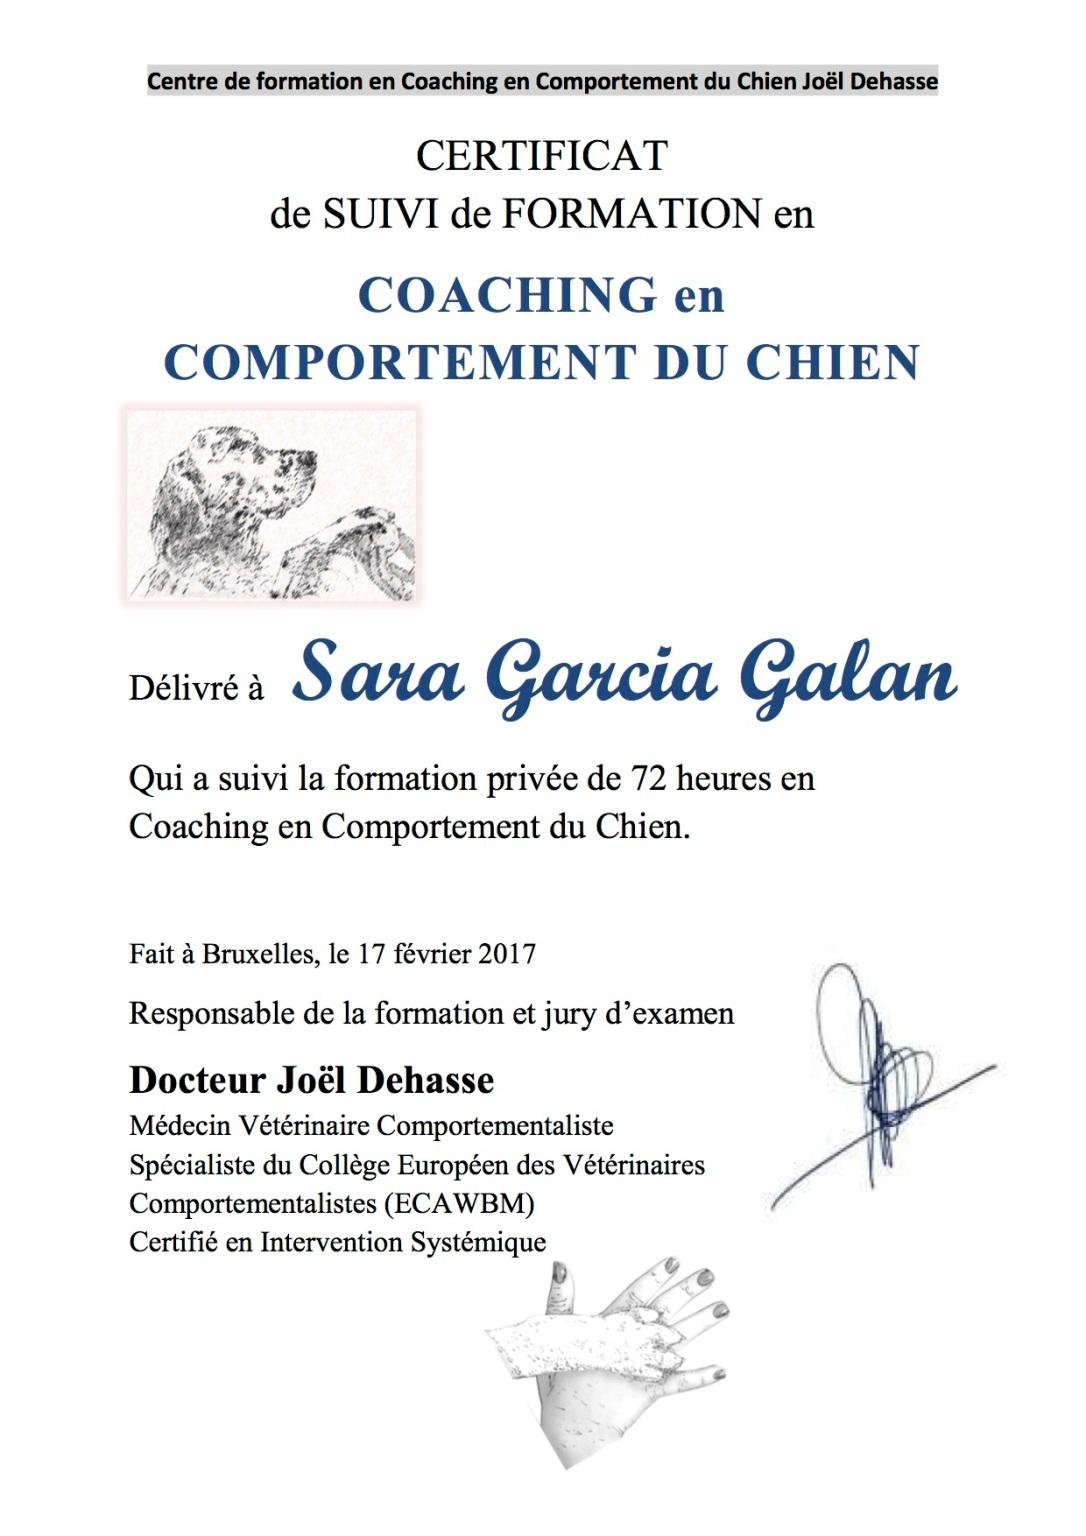 garcia galan 2017-02-17 joel dehasse